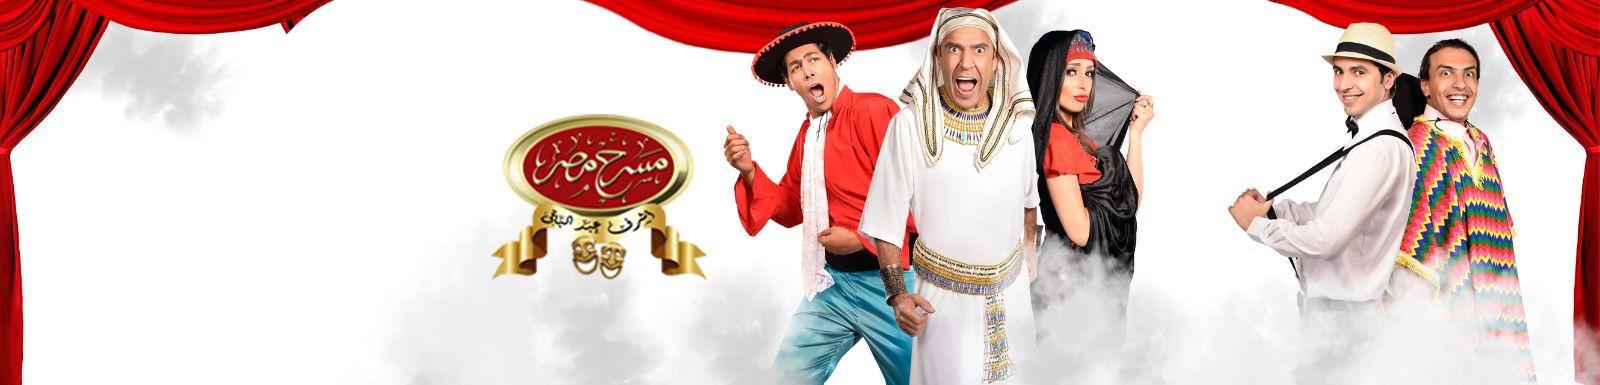 تحميل مسرحية مسرح مصر الحلقة 10 MBC shahid شاهد نت